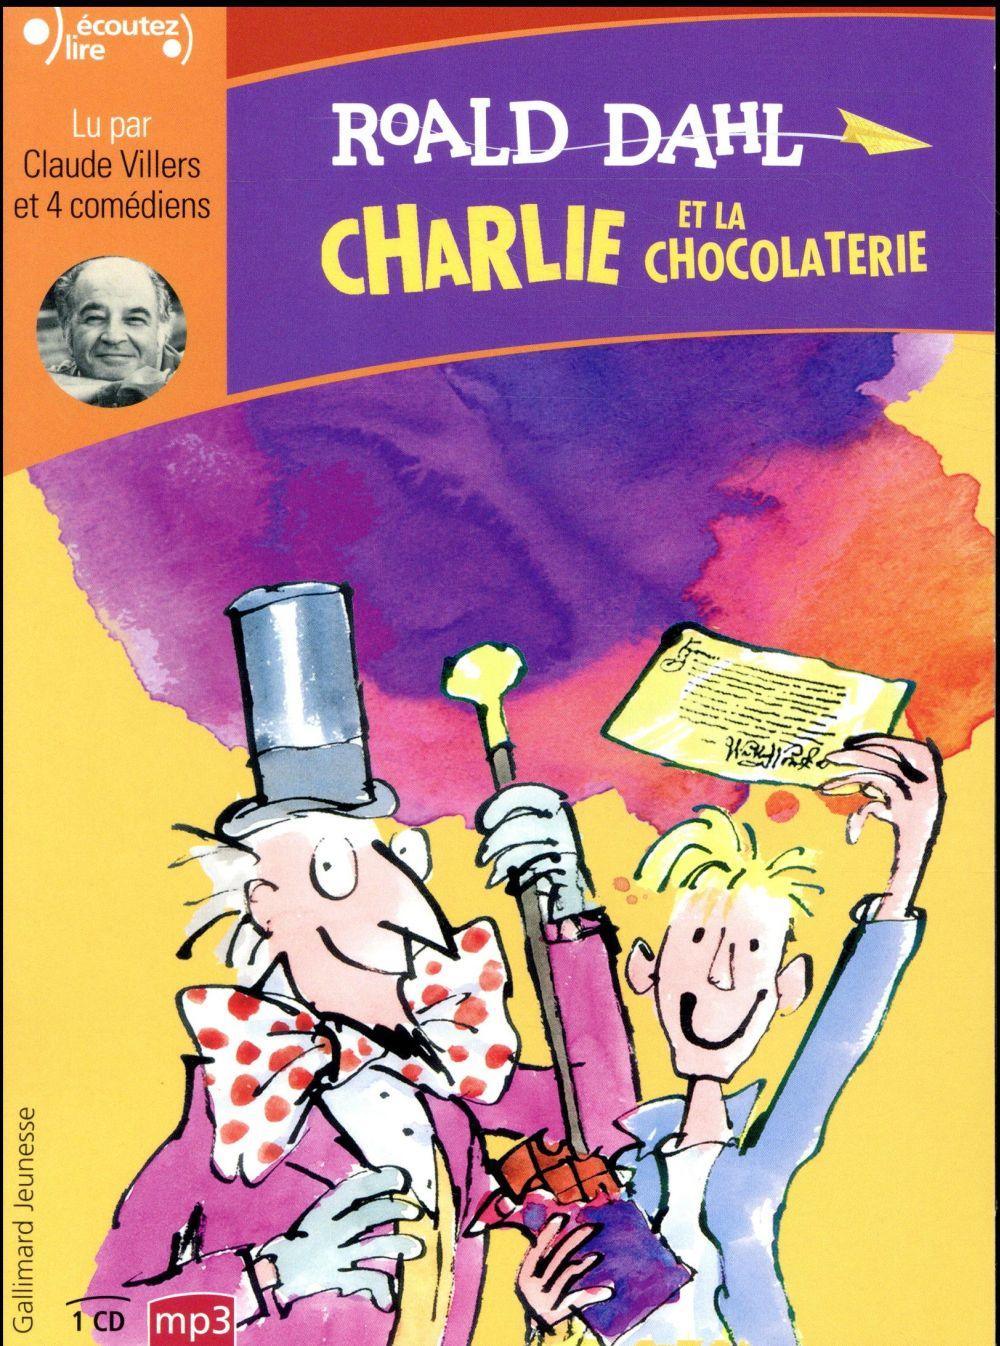 ECOUTEZ LIRE - CHARLIE ET LA CHOCOLATERIE